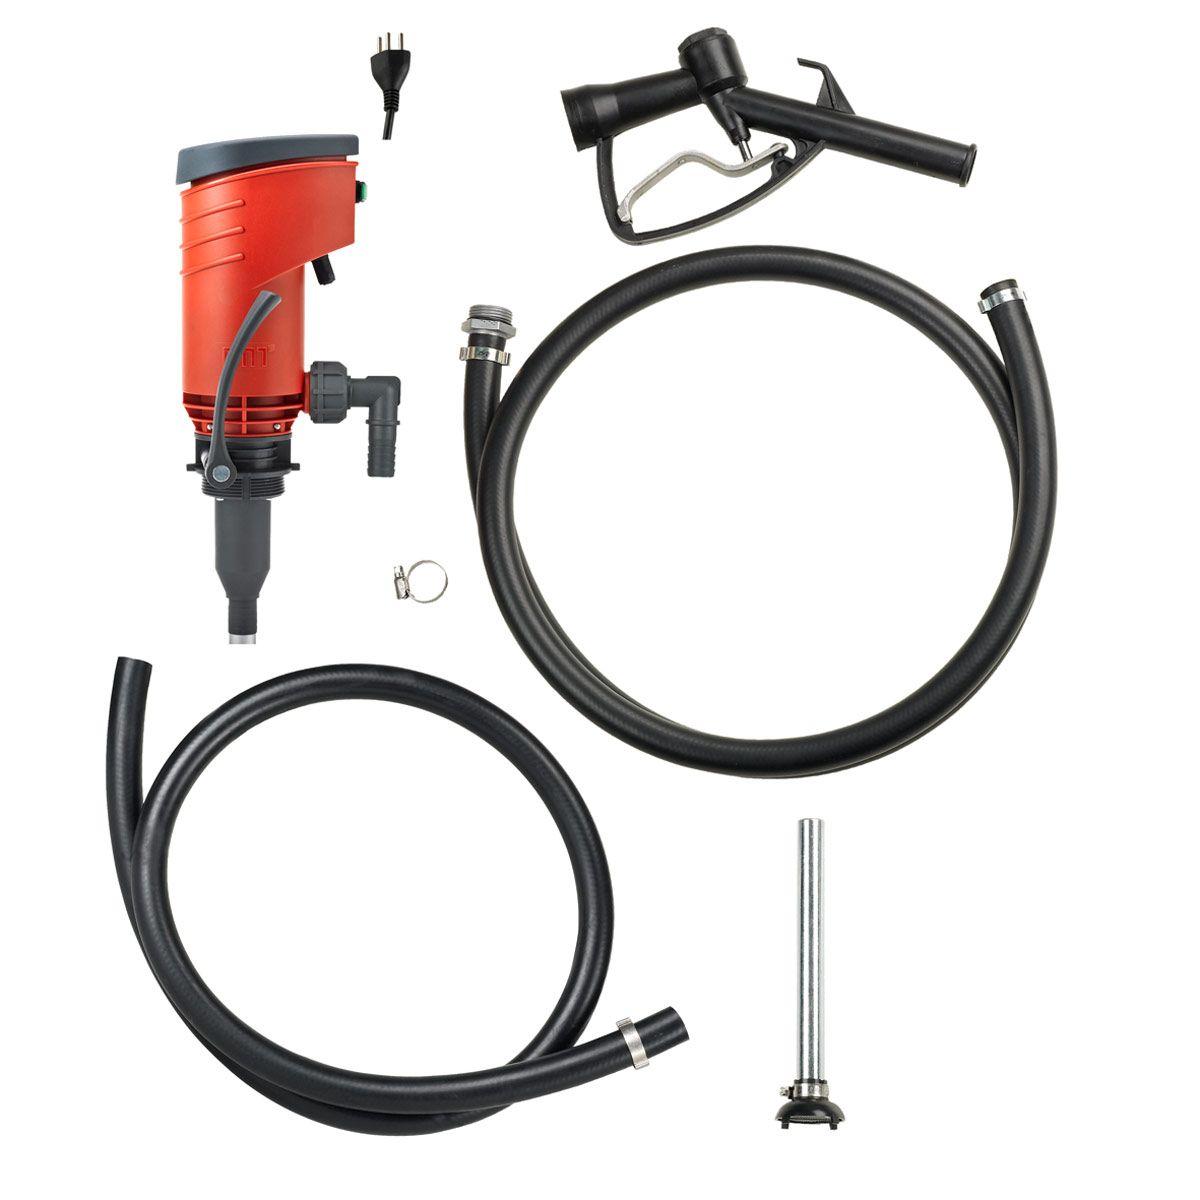 Elektro-Ölpumpe PREMAxx 52, geeignet für Diesel und Heizöl, 230 V, 320 W, 52 l/min.